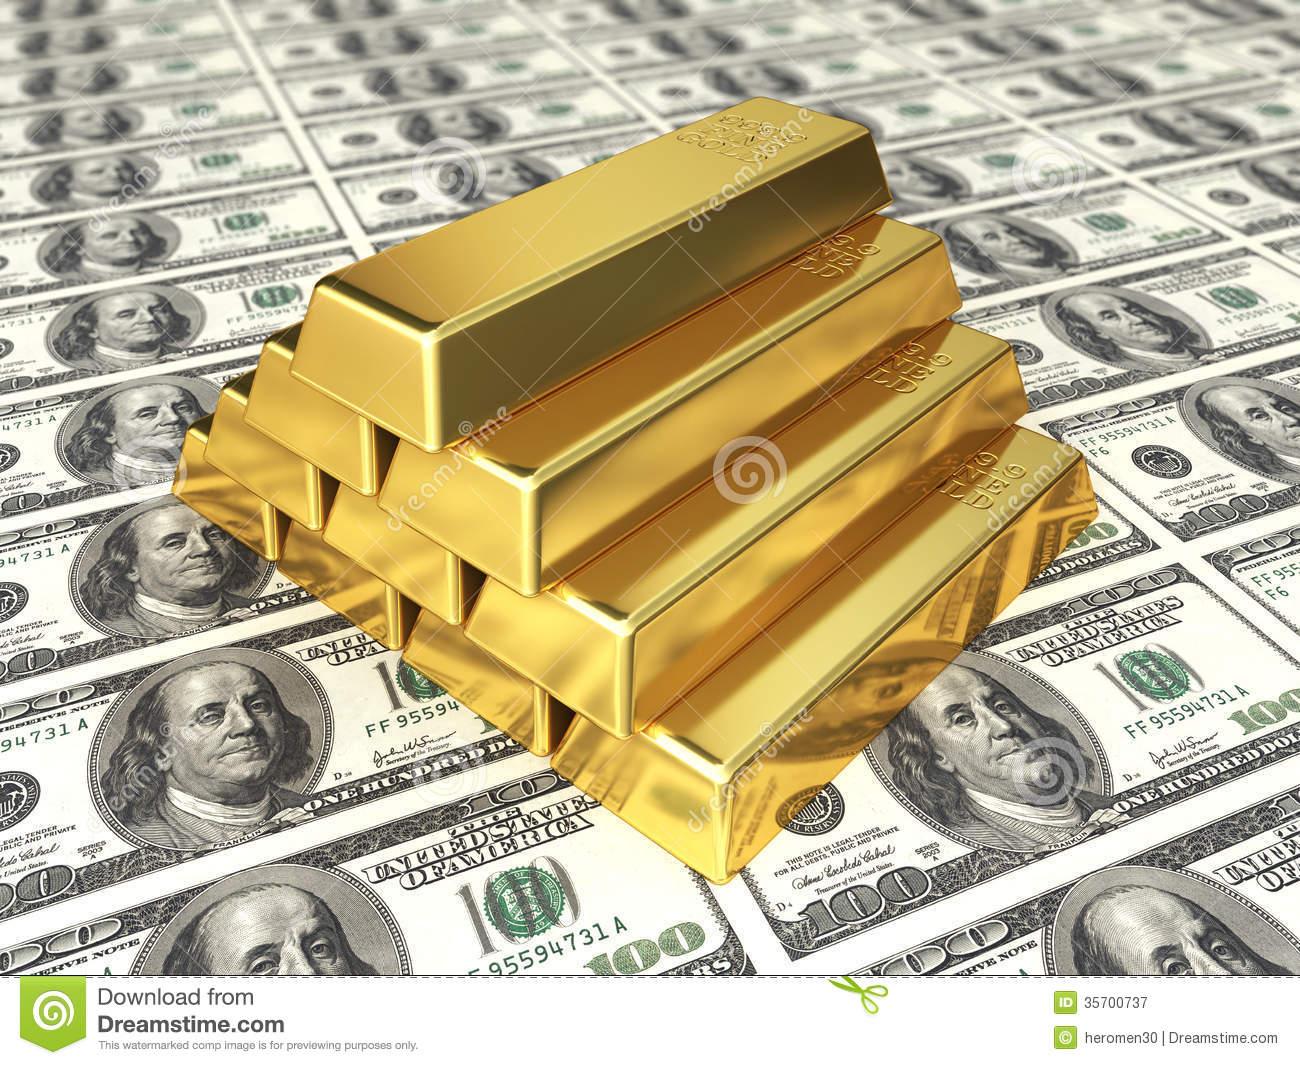 Ам.долларын ханш чангарч, алтных уруудав